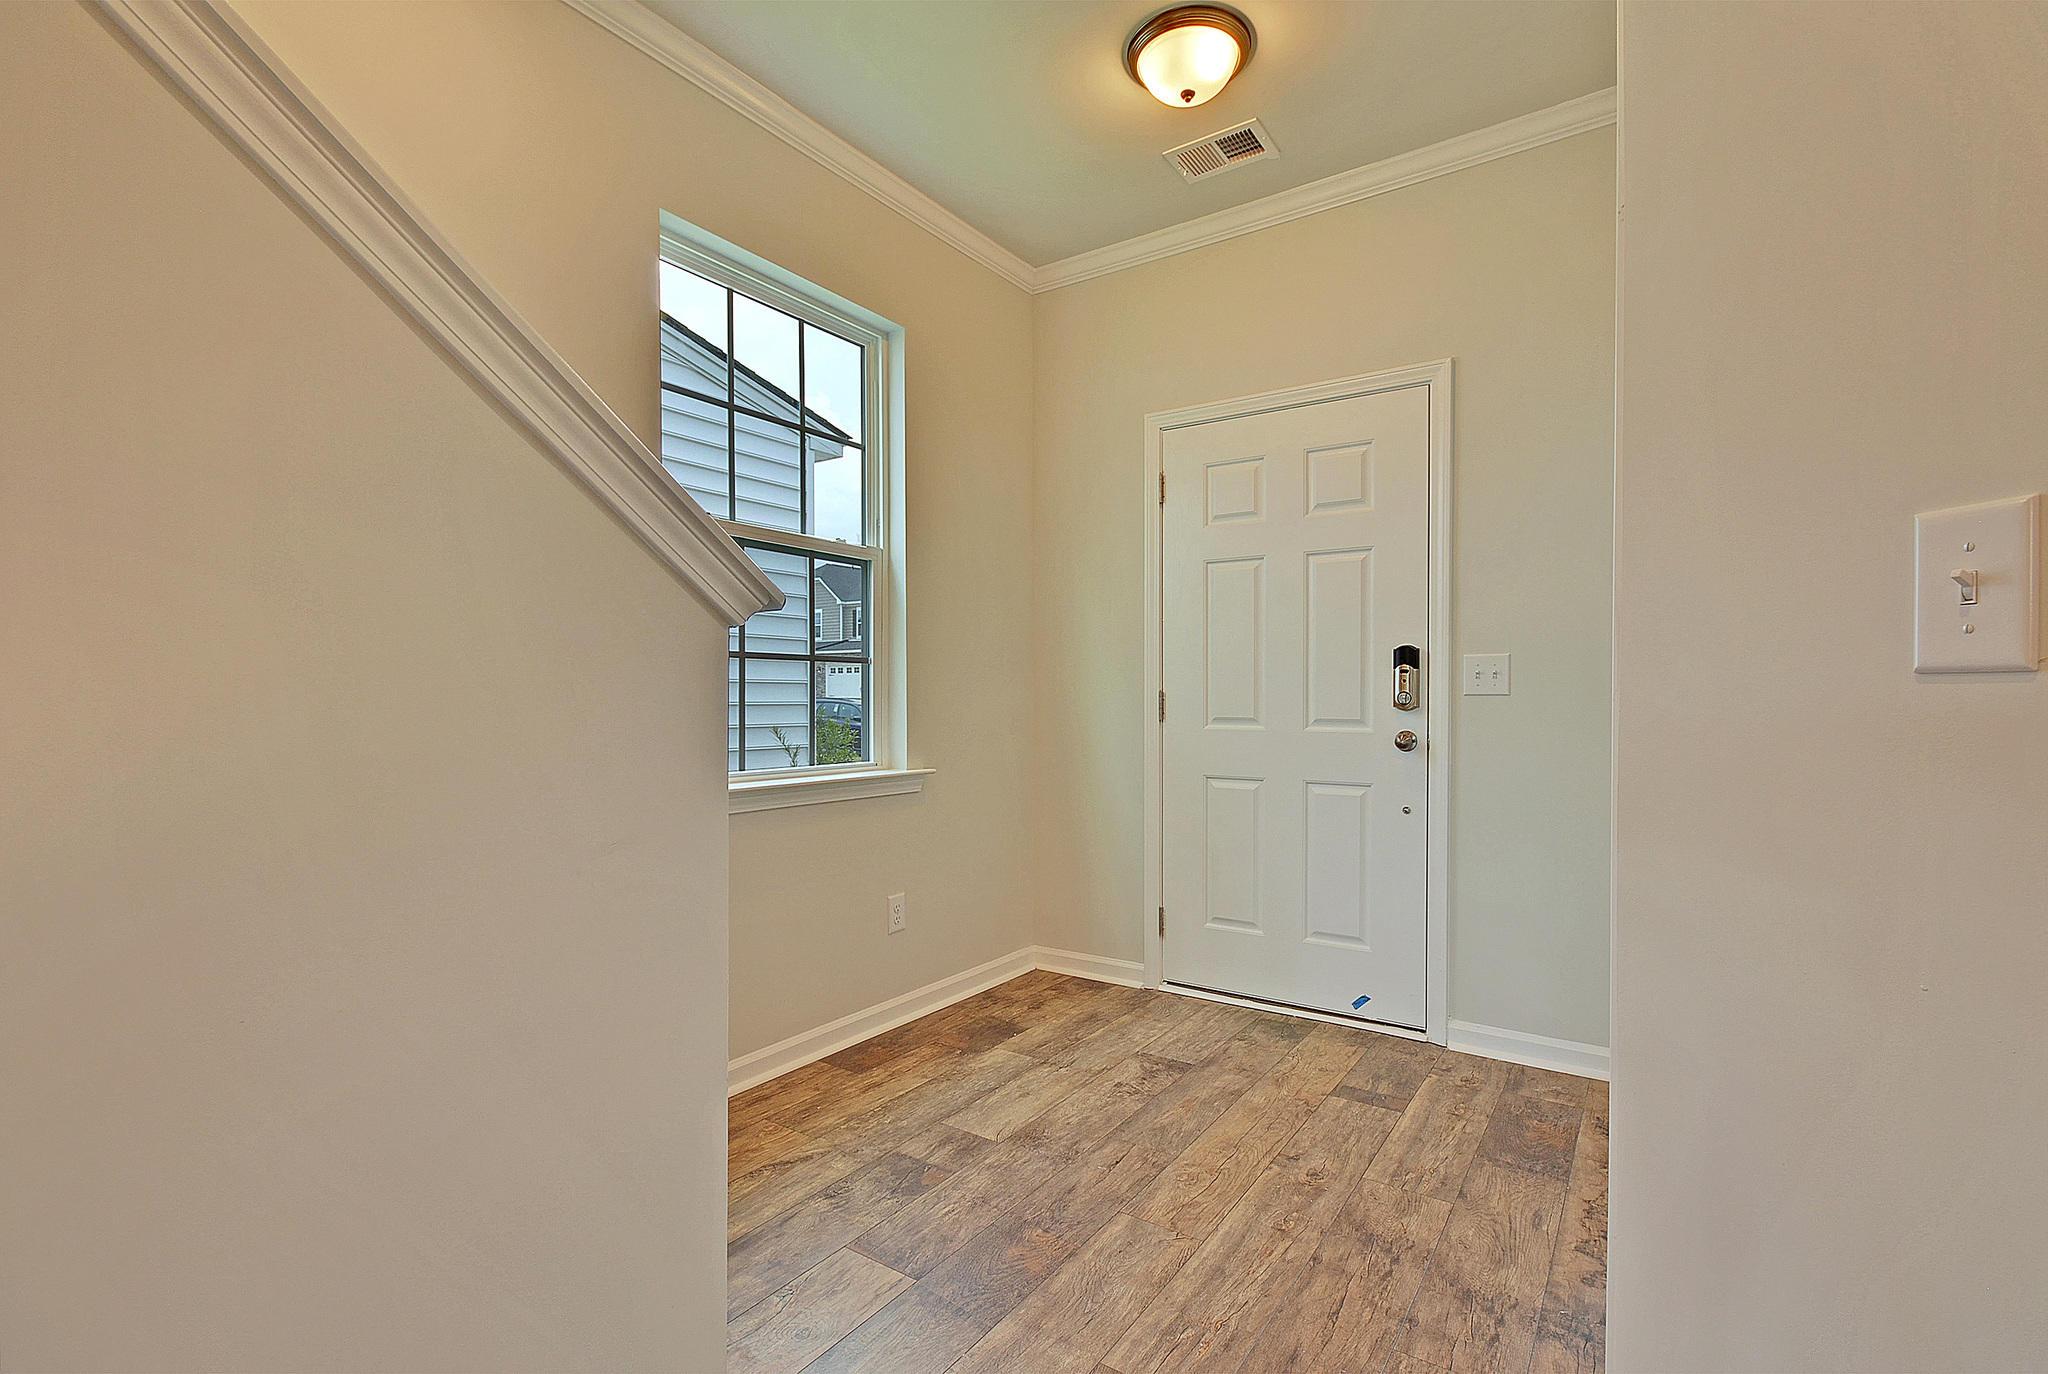 Park West Homes For Sale - 3049 Caspian, Mount Pleasant, SC - 6